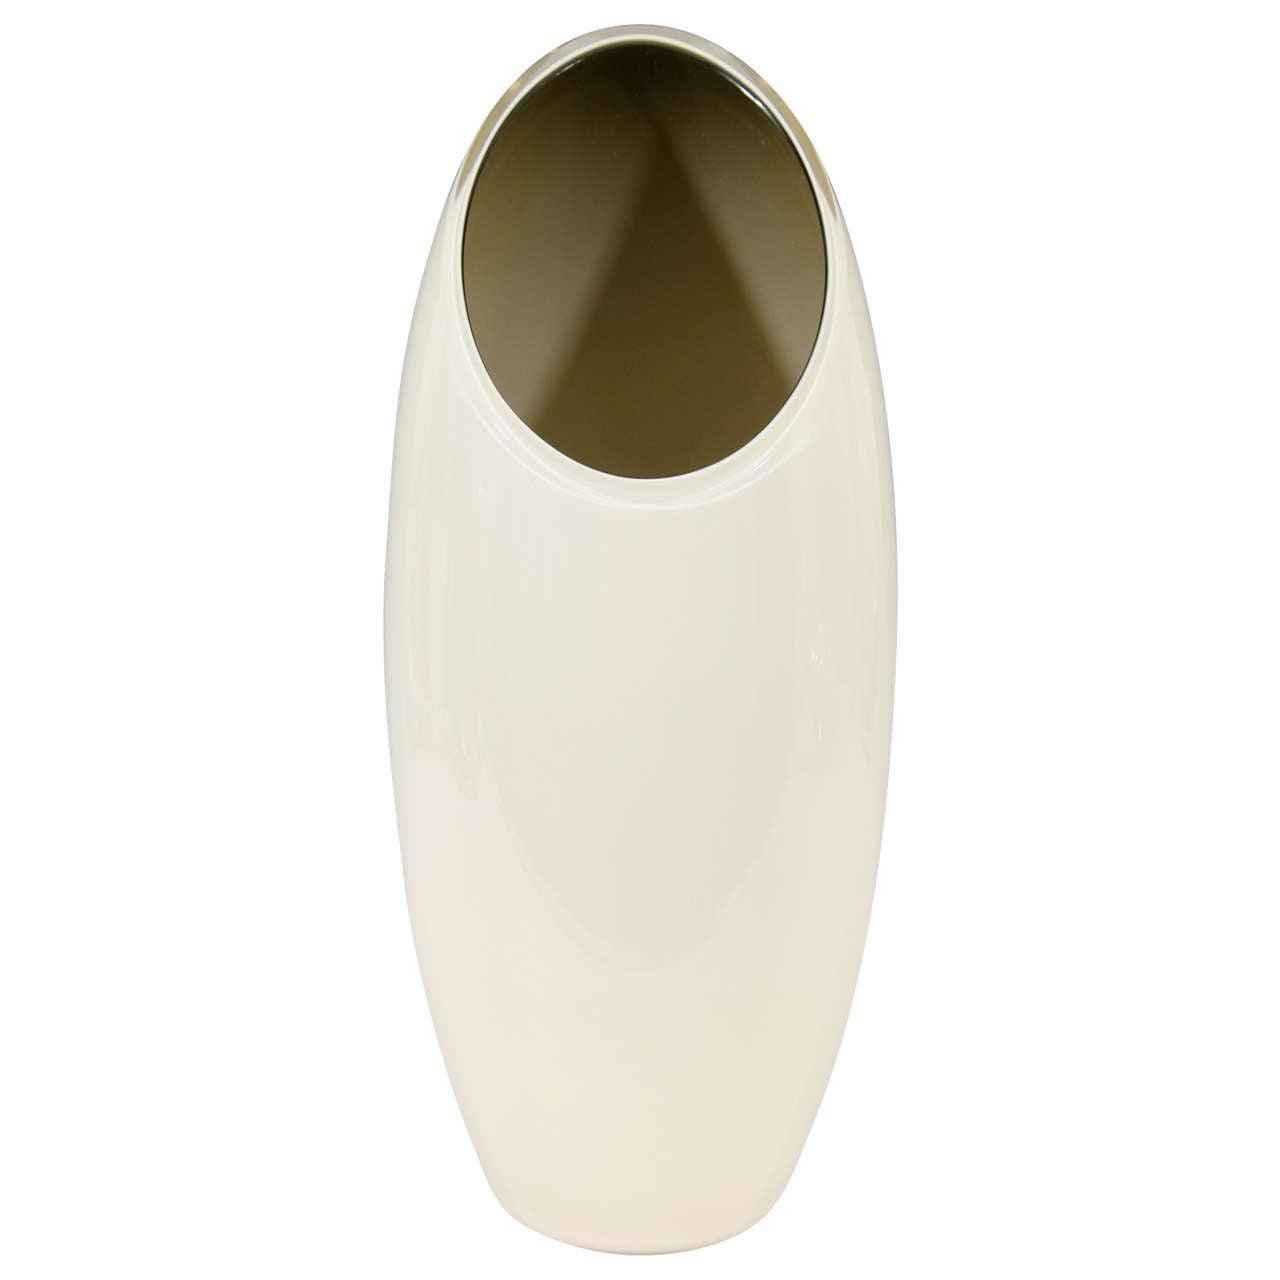 Midcentury Seguso Off-White Tall Vase